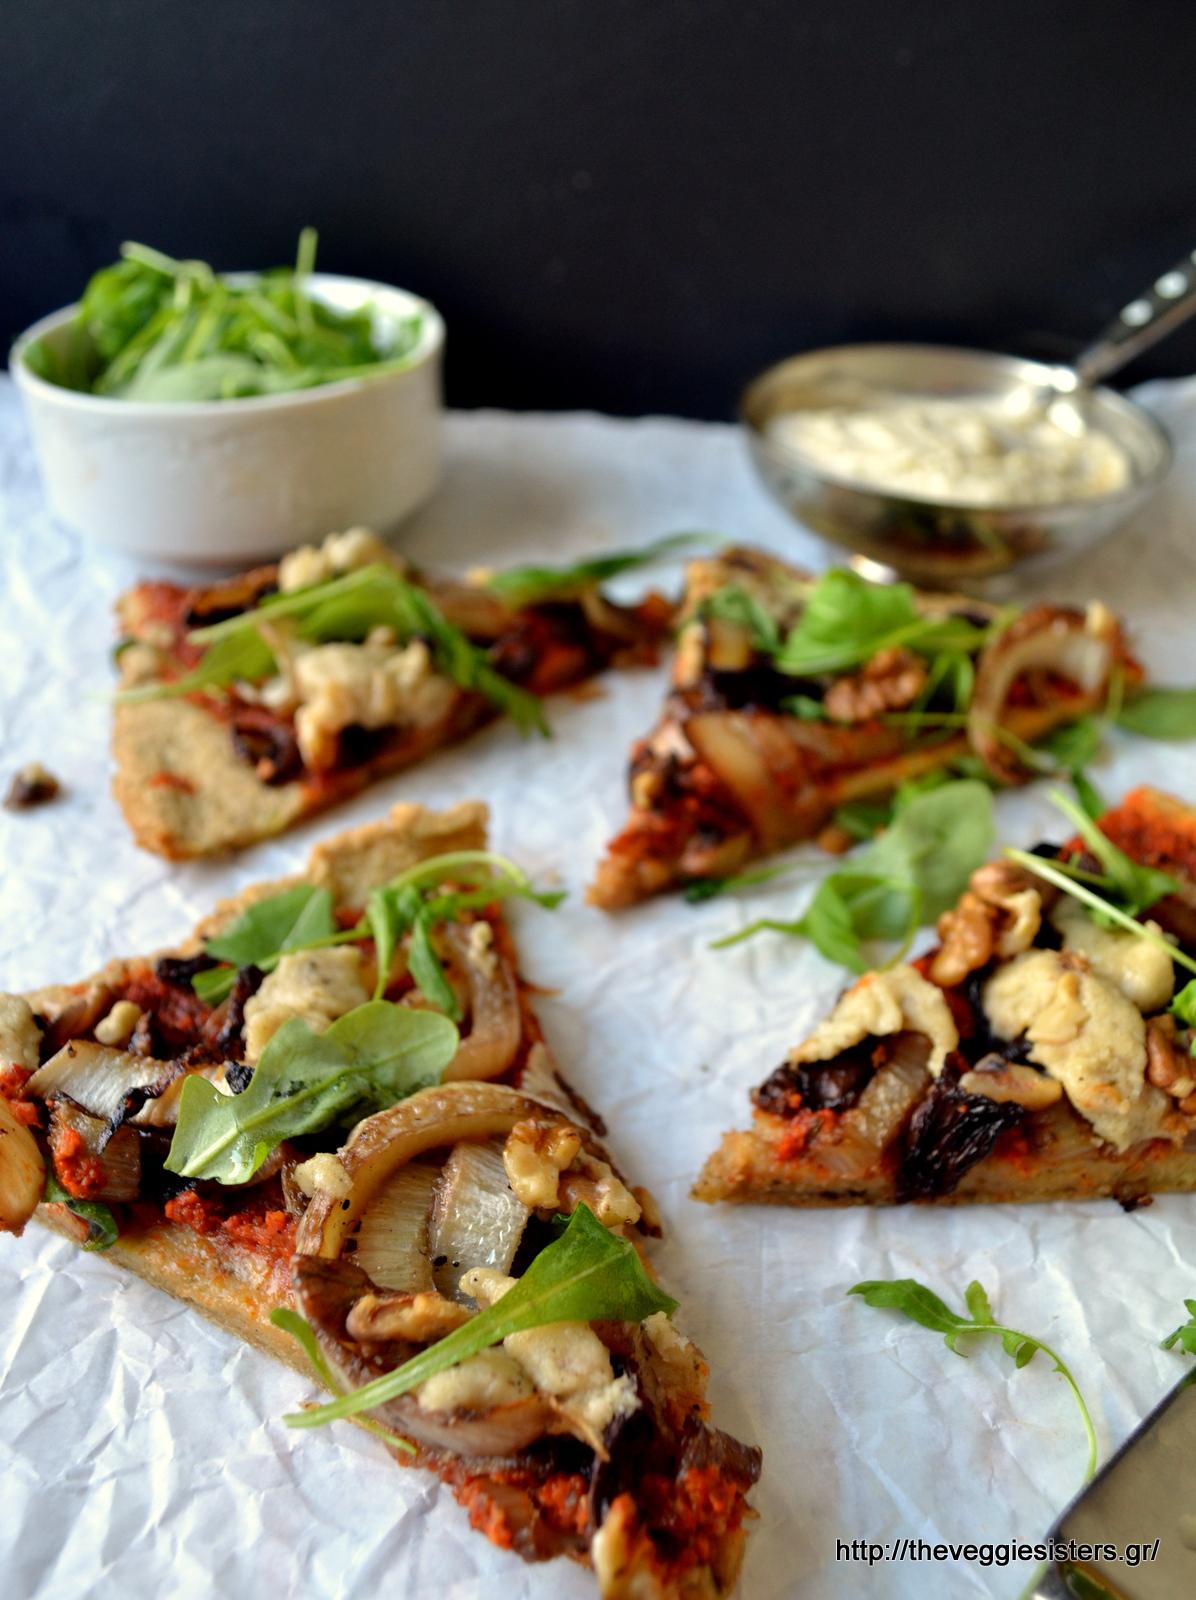 Απόλυτα υγιεινή πίτσα ν.2 με καραμελωμένο φινόκιο, κρεμμύδι, κανθαρέλες κ κρέμα κάσιους - Healthy vegan pizza n.2 with caramelised fennel, onion, chanterelles and cashew cream